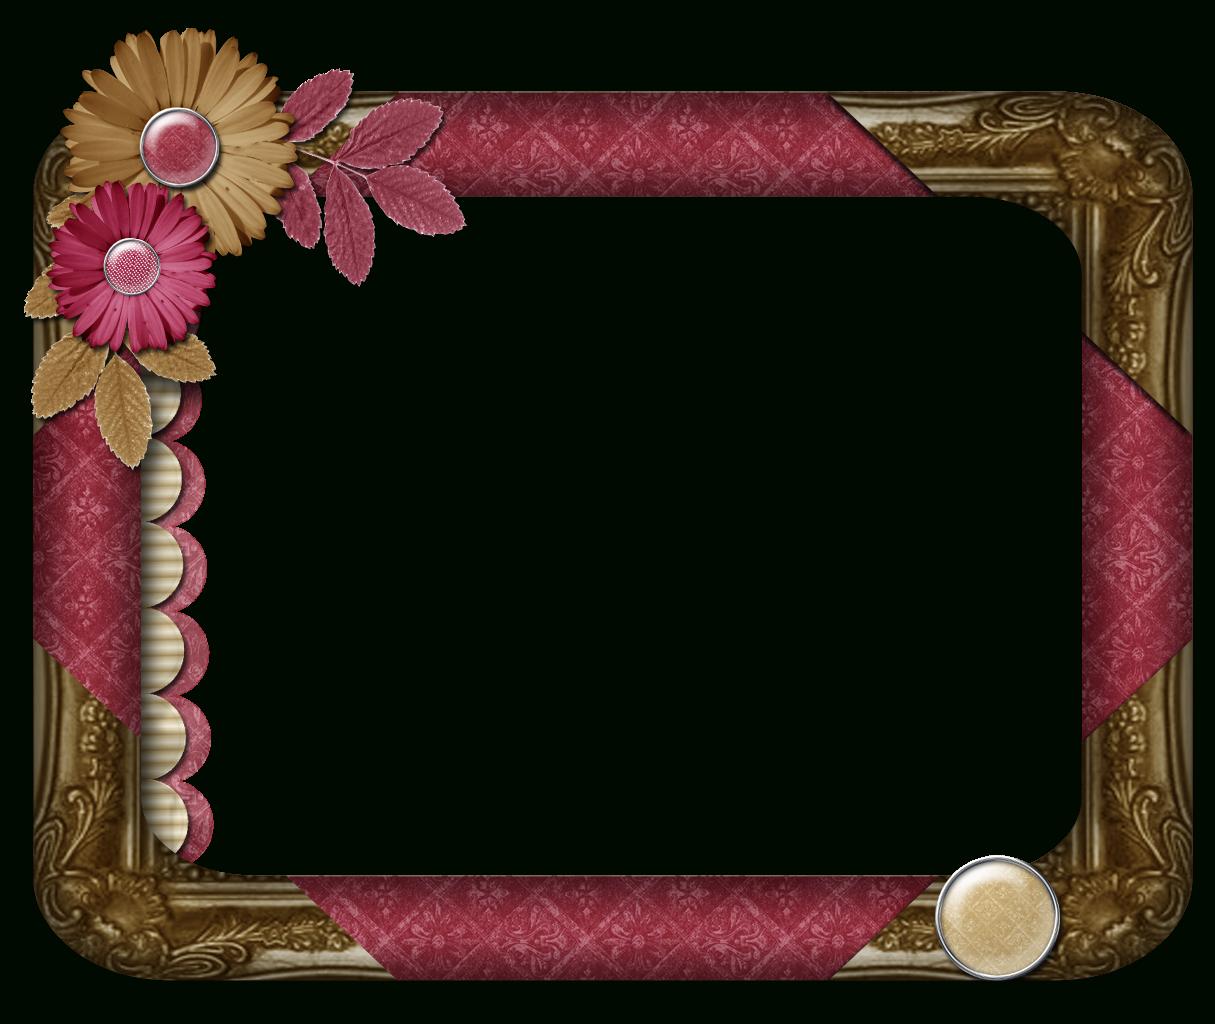 Pinrt Digital Media Marketing On Frames | Scrapbook Frames, Free - Free Printable Frames For Scrapbooking